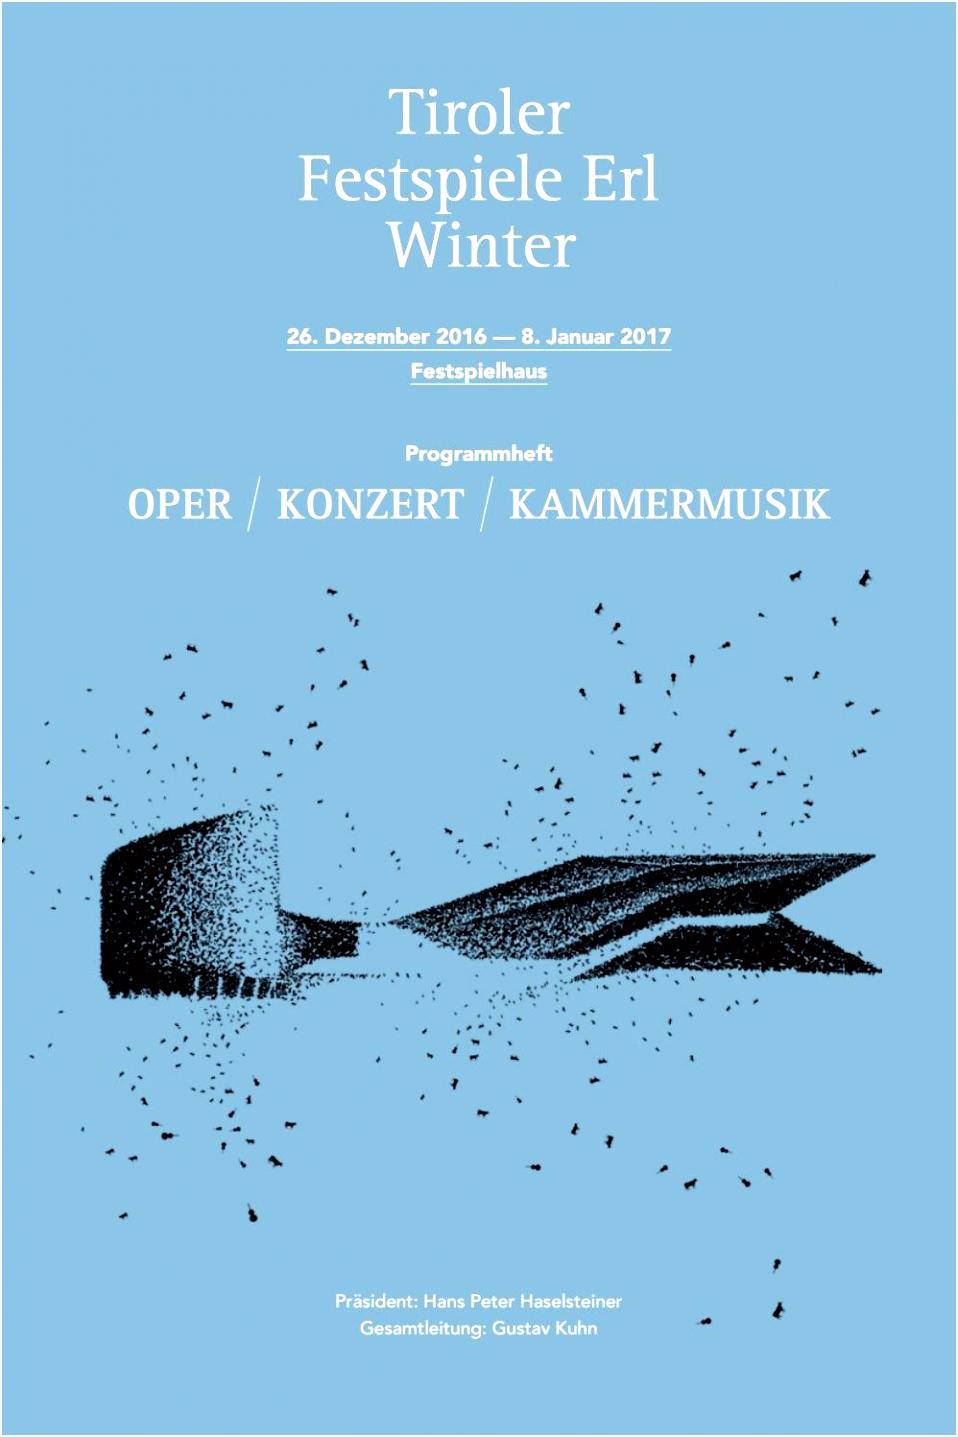 Vater Unser Leporello Vorlage Abendprogrammheft Winter 16 17 by Tiroler Festspiele Erl Betriebsges H0rs13uxa0 Nspihsuxg4